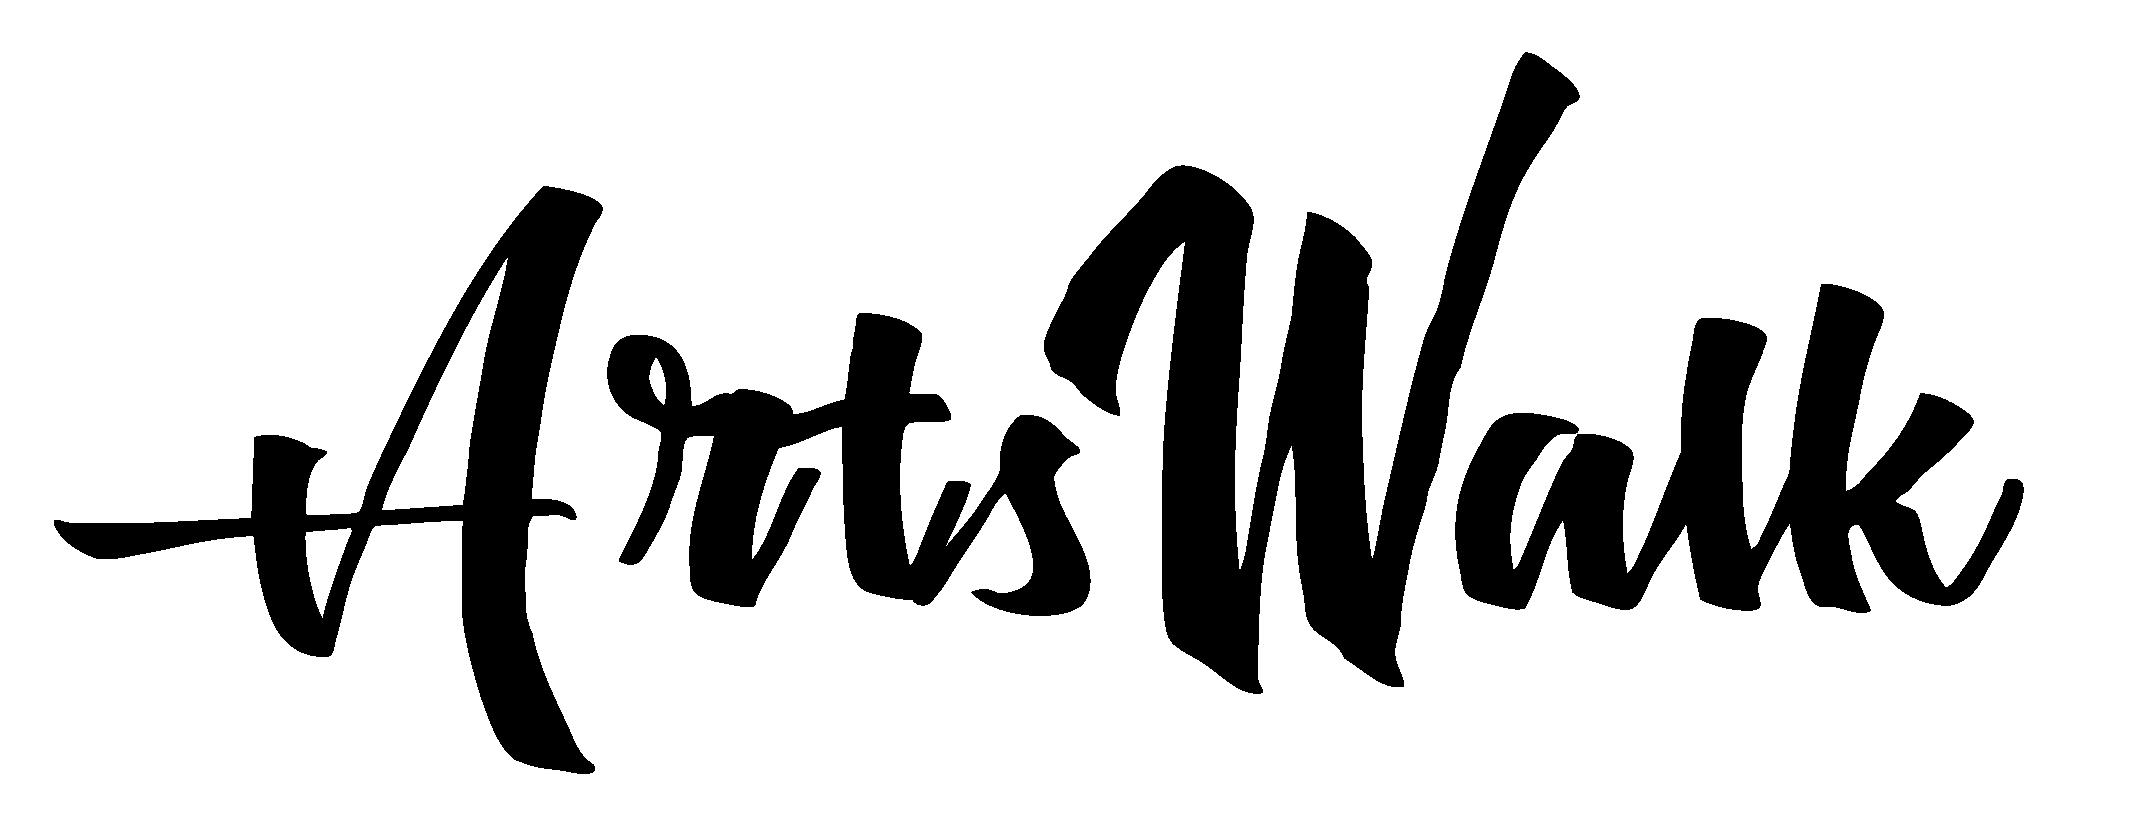 artswalk-logo-01.png